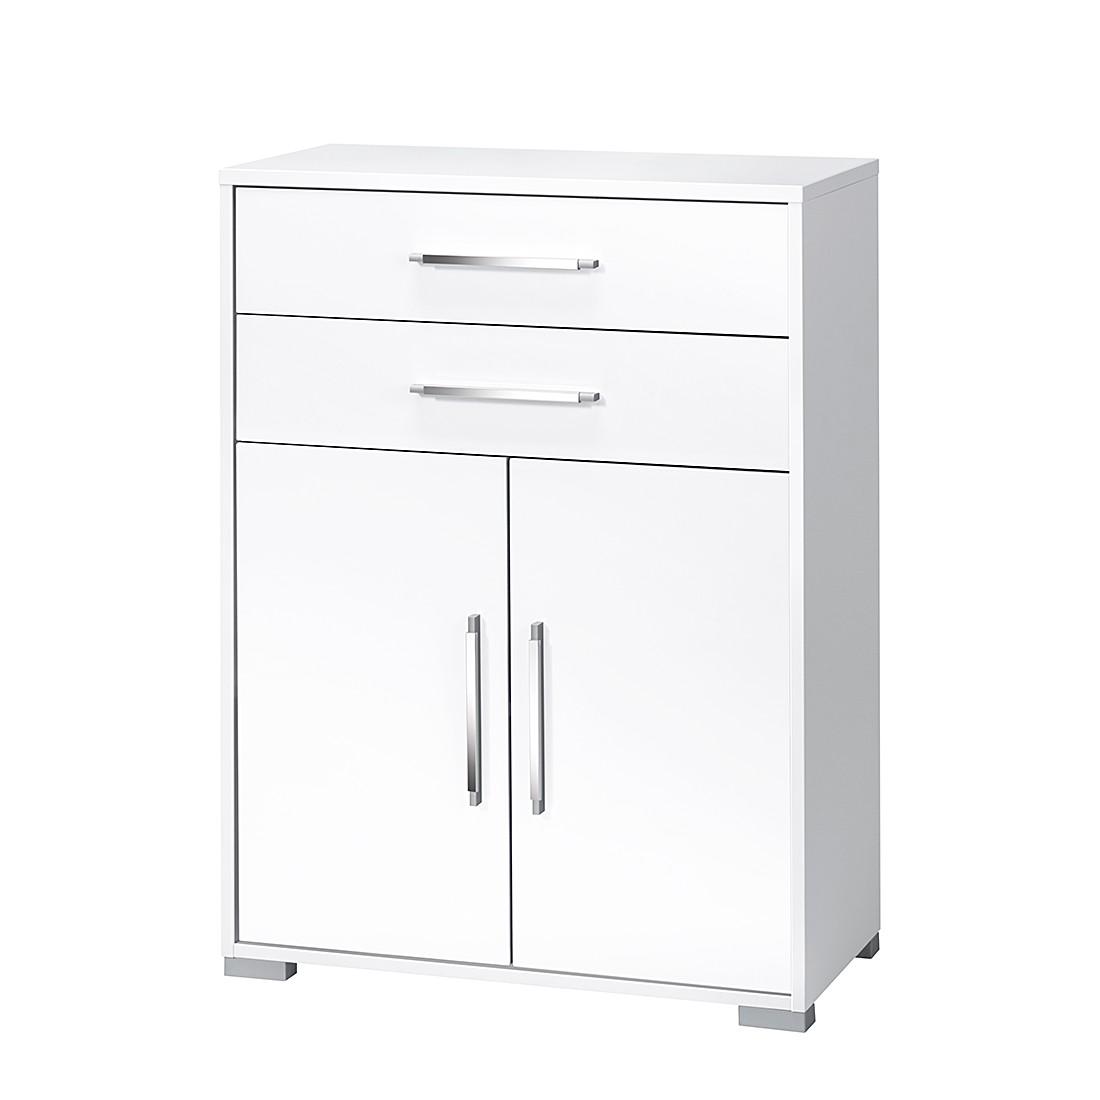 Küchenschrank Hochglanz Weiß: Regale grosse auswahl bei interio ... | {Küchenschrank weiß hoch 74}